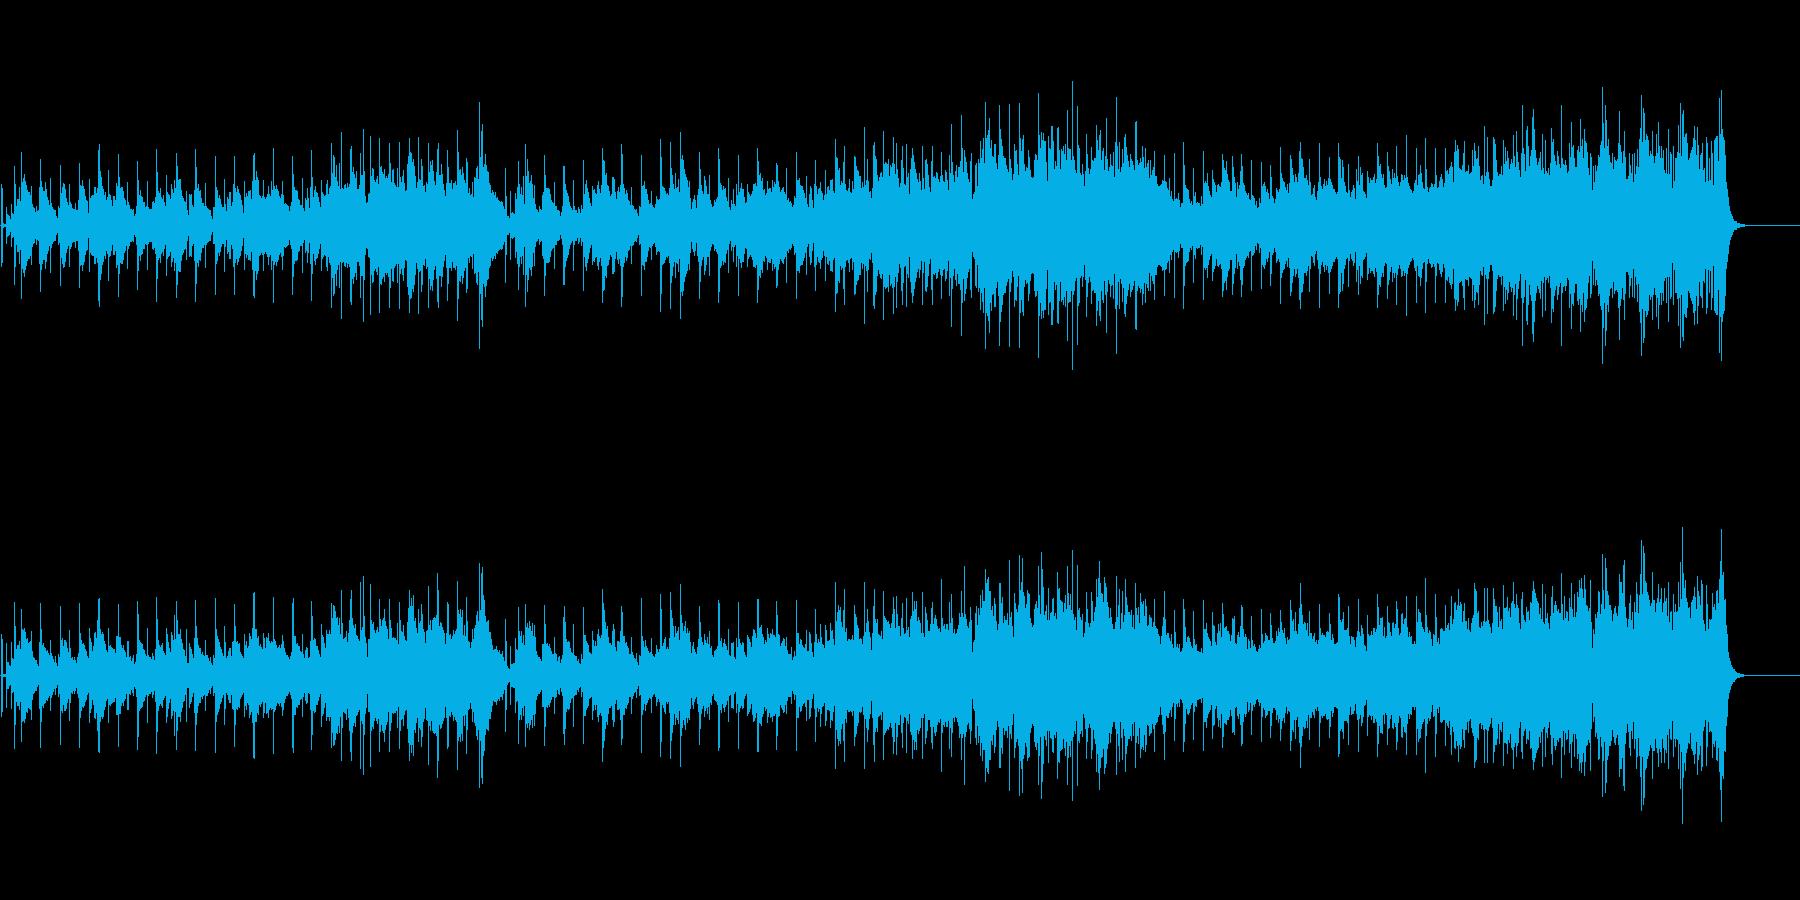 ジャズ風味を盛り込んだアーバン・サウンドの再生済みの波形